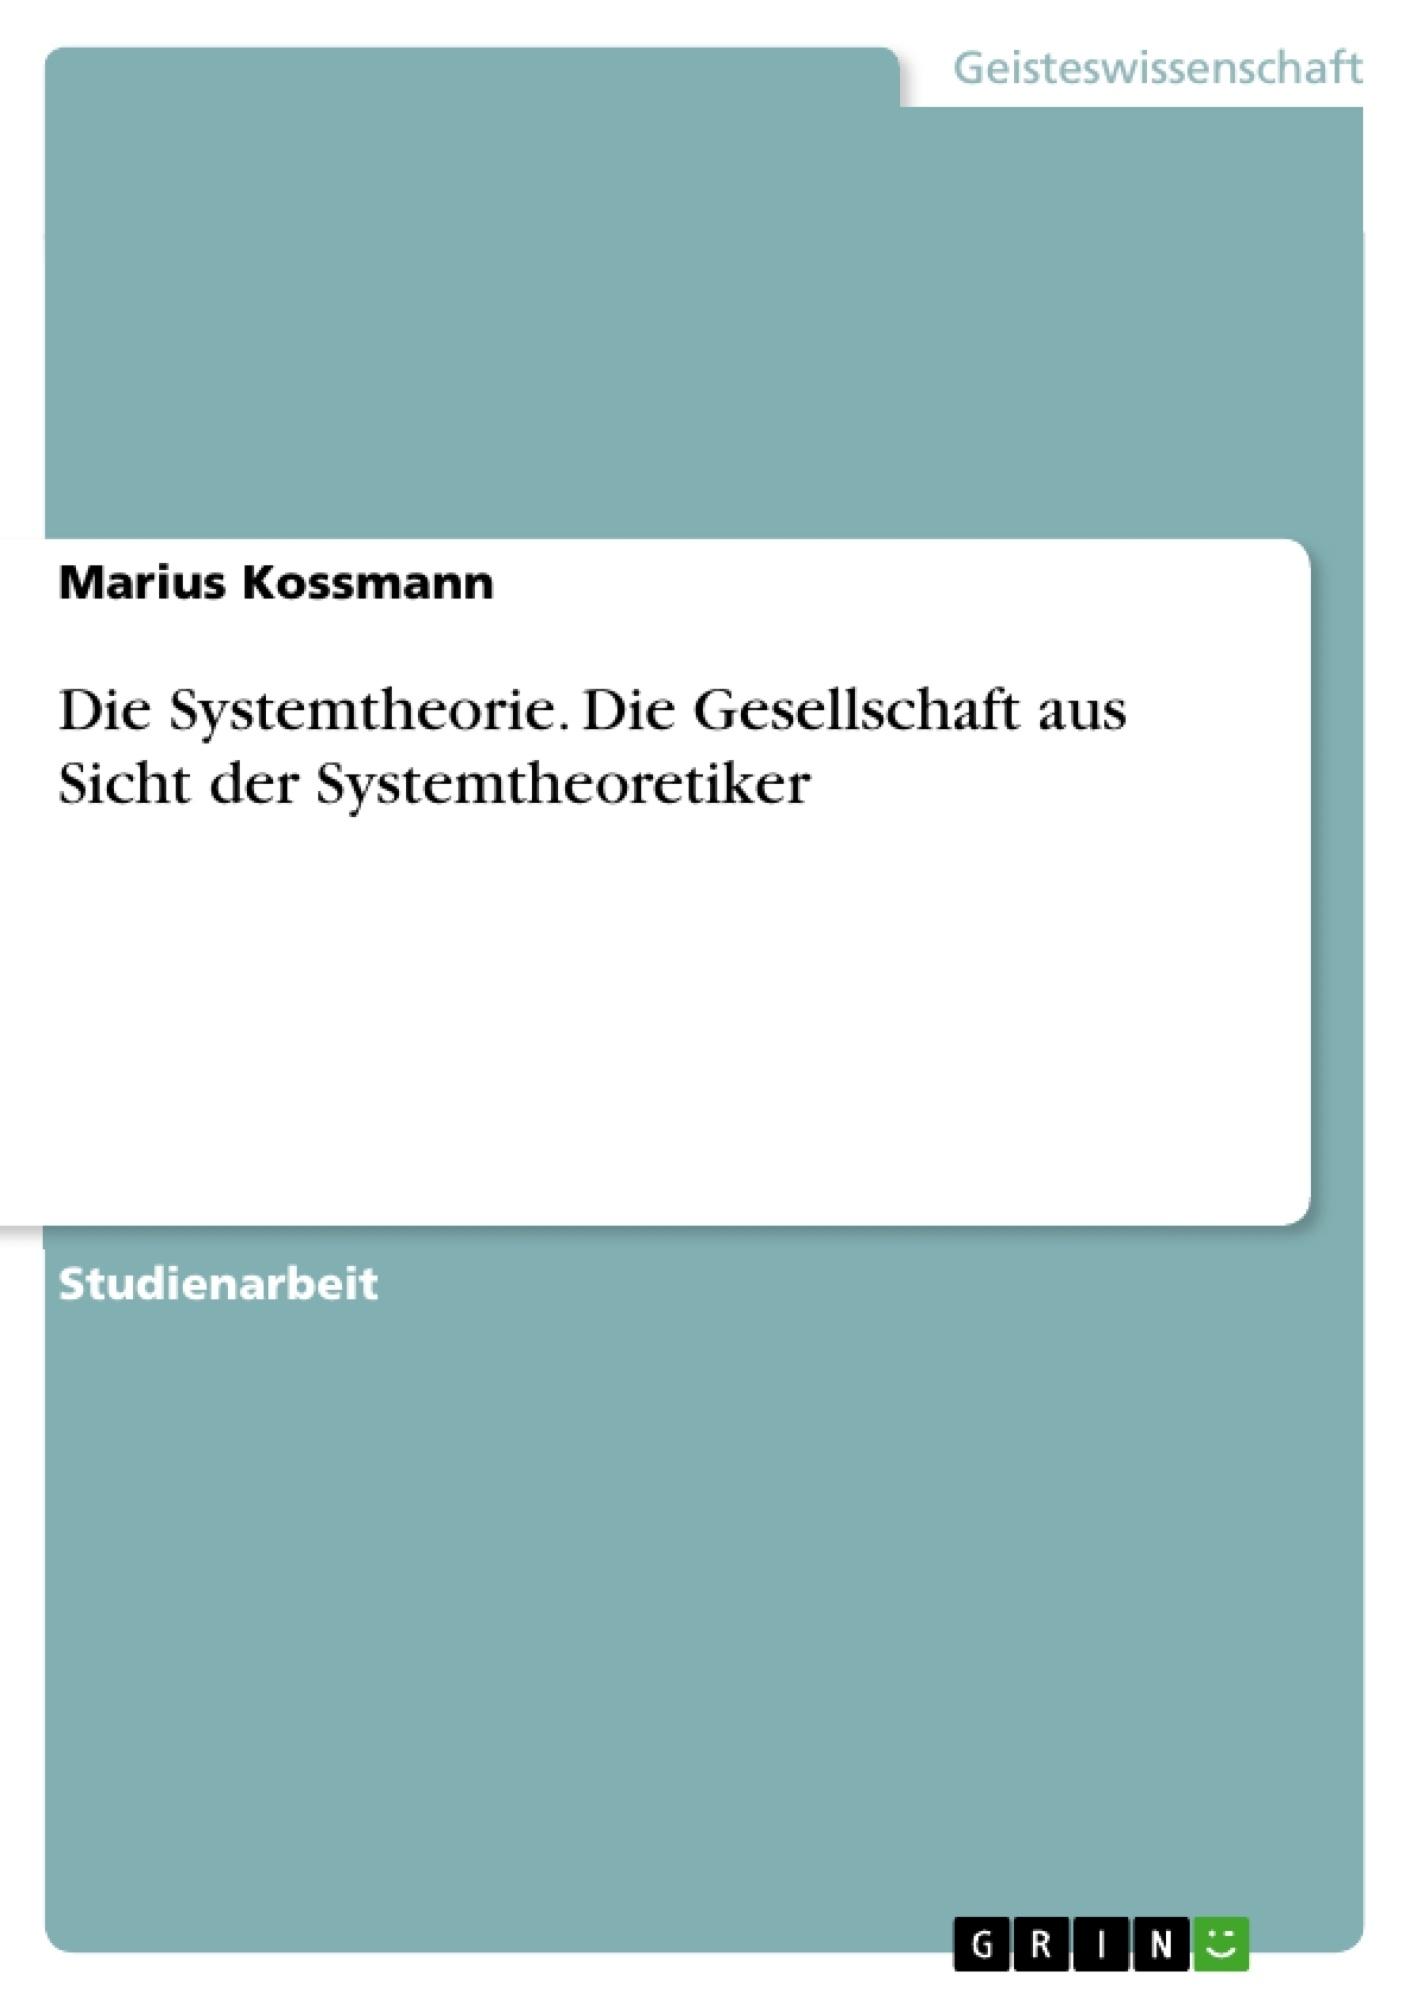 Titel: Die Systemtheorie. Die Gesellschaft aus Sicht der Systemtheoretiker